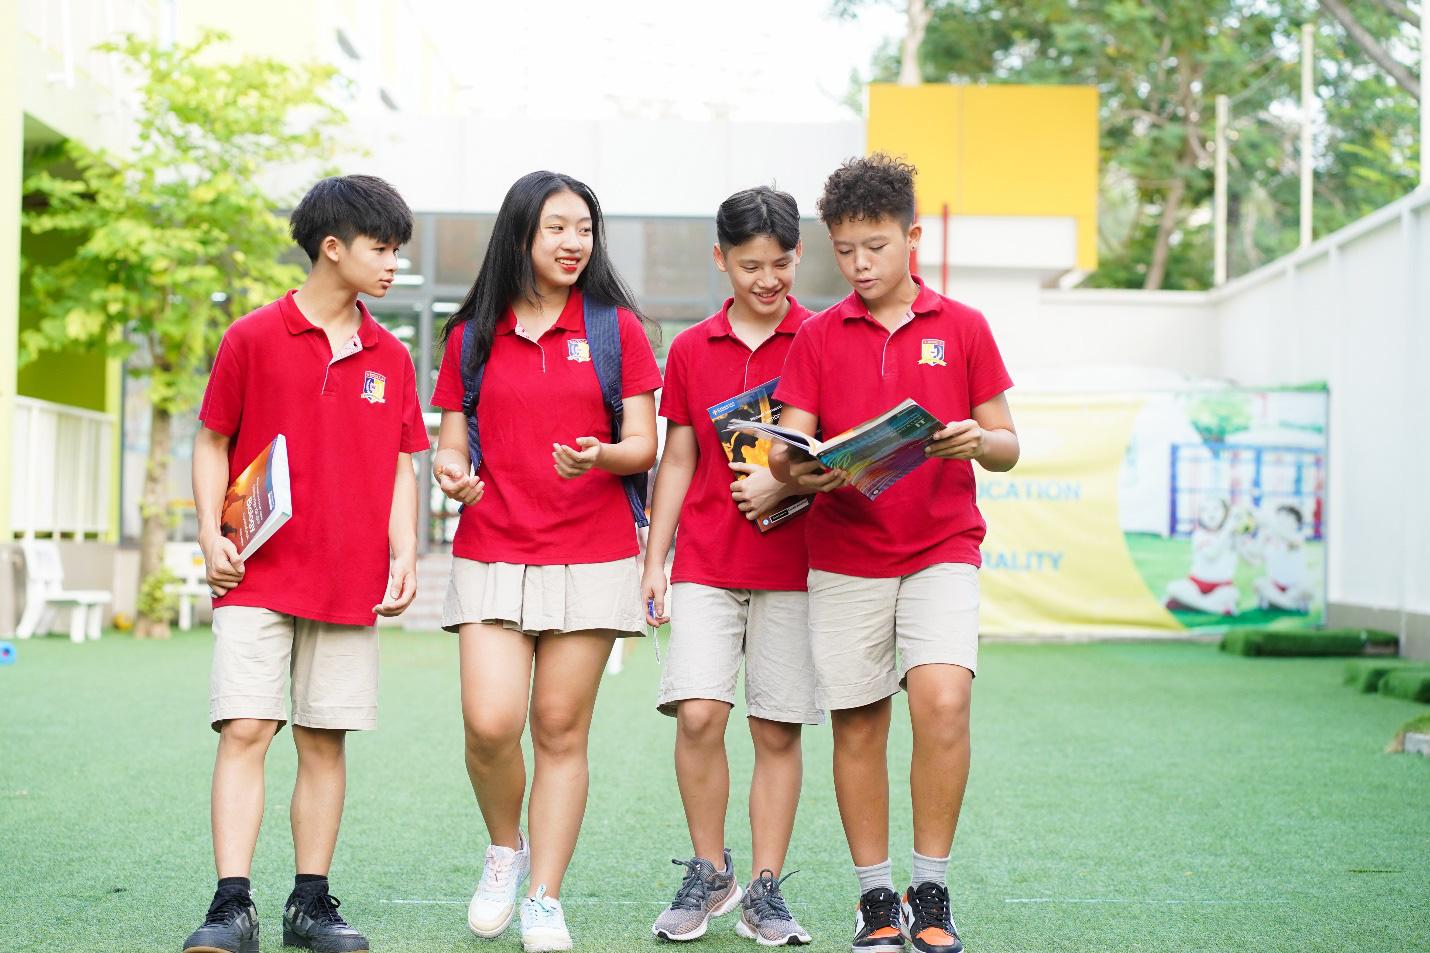 Royal School miễn phí học hè trực tuyến cho học sinh toàn quốc - Ảnh 4.